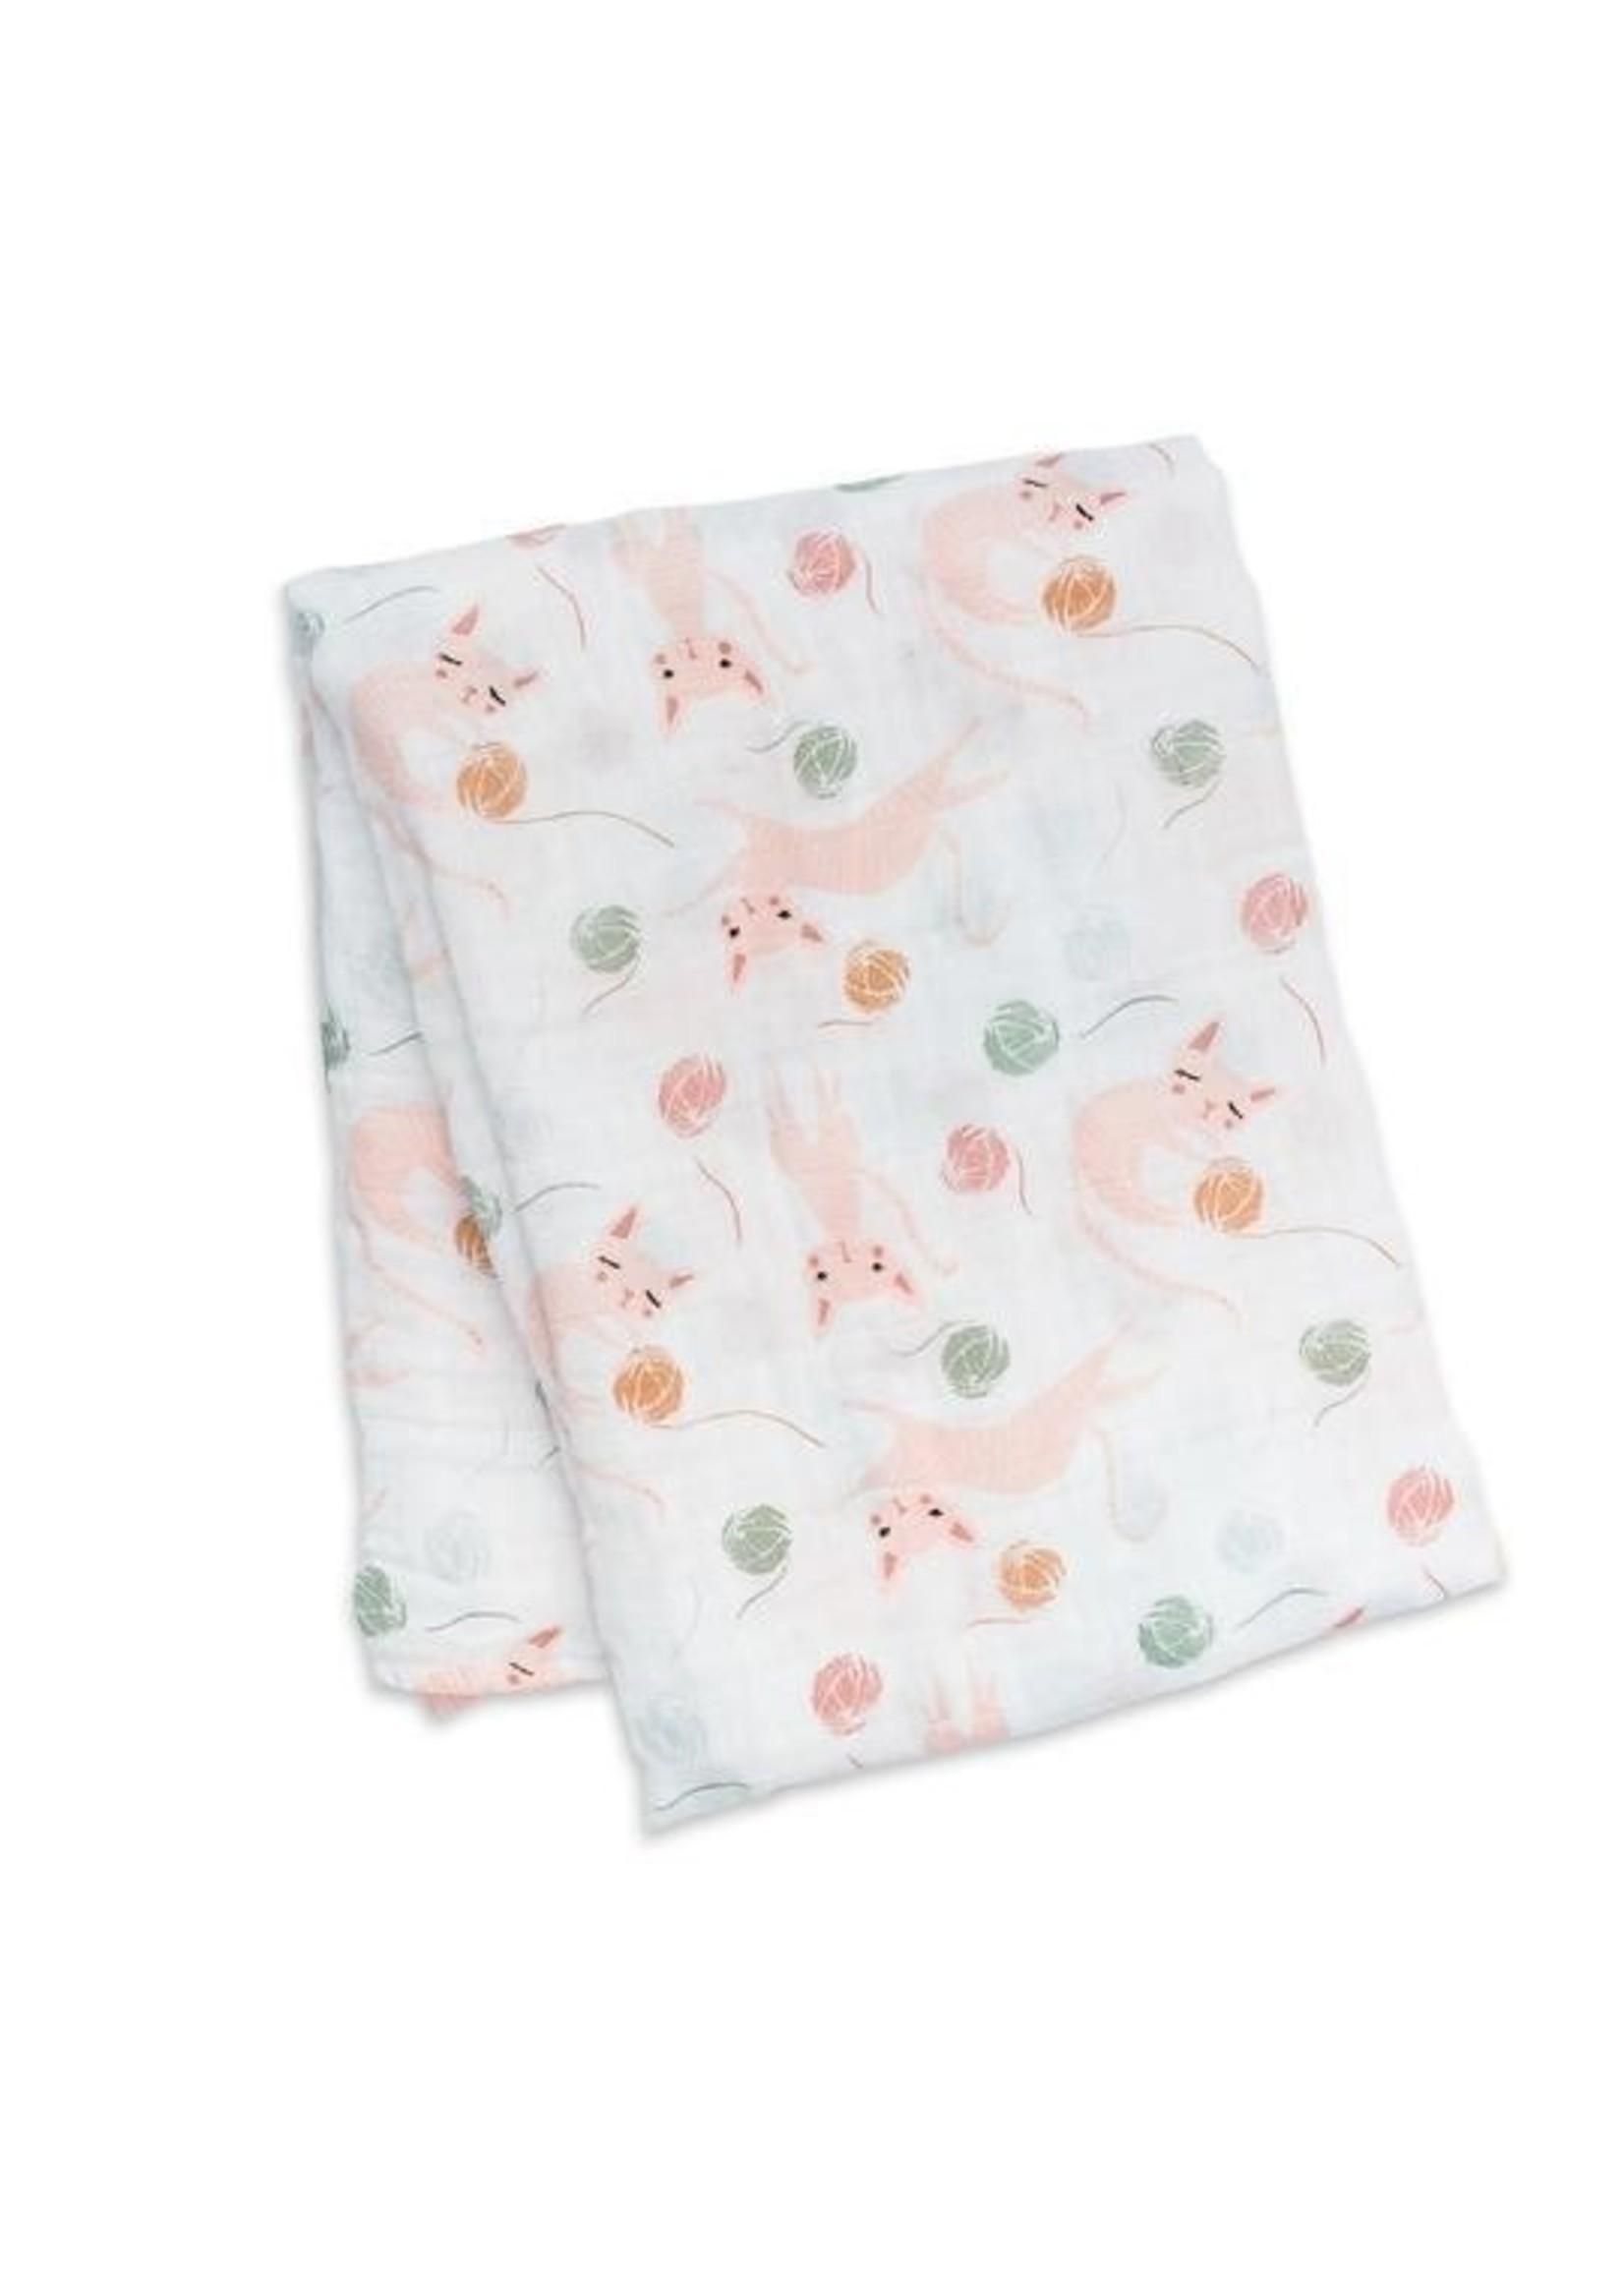 Lulujo Lulujo, Kitty Swaddling Blanket